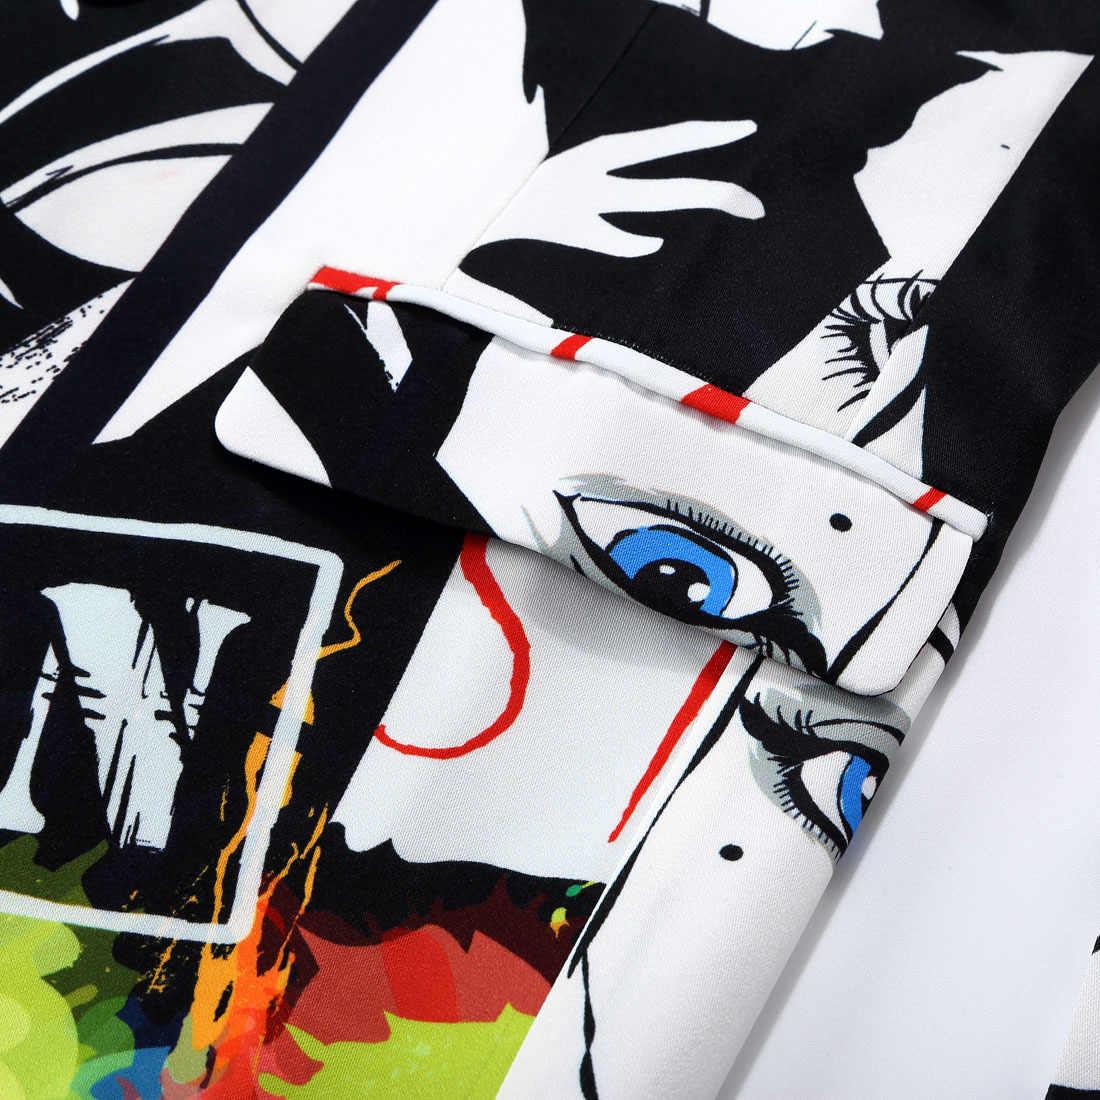 PYJTRL marca Tide hombres de moda de Impresión 2 piezas conjunto de trajes casuales más el tamaño de la cadera caliente hombre delgado Fit traje hombres cantante traje de boda